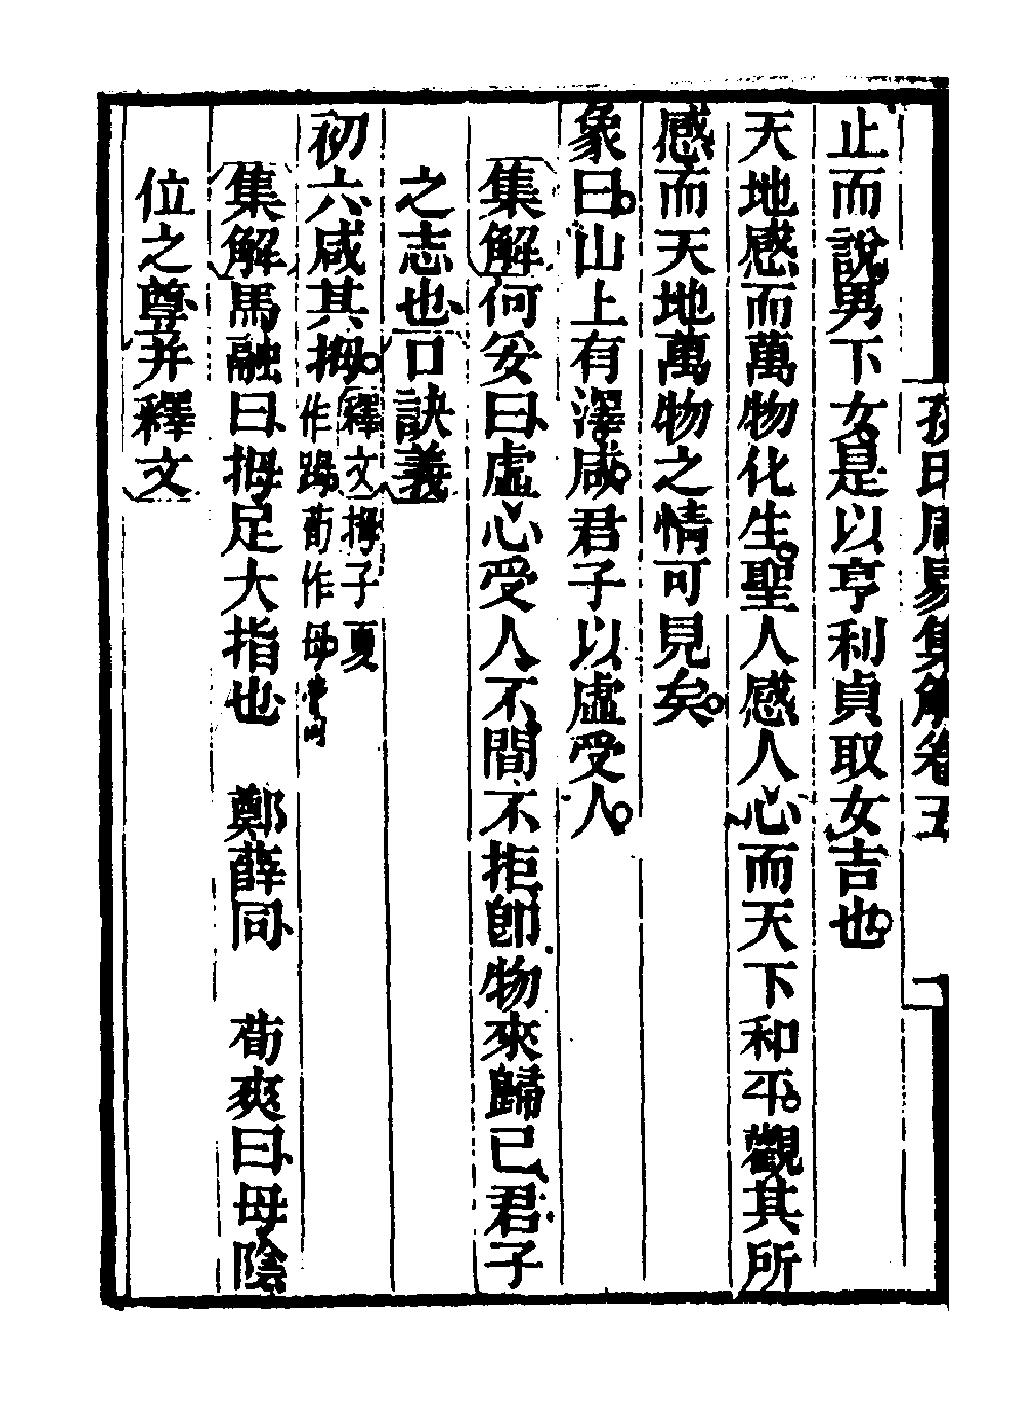 31. 咸卦 | 孫星衍《周易集解》(孫氏周易集解) | 易學網